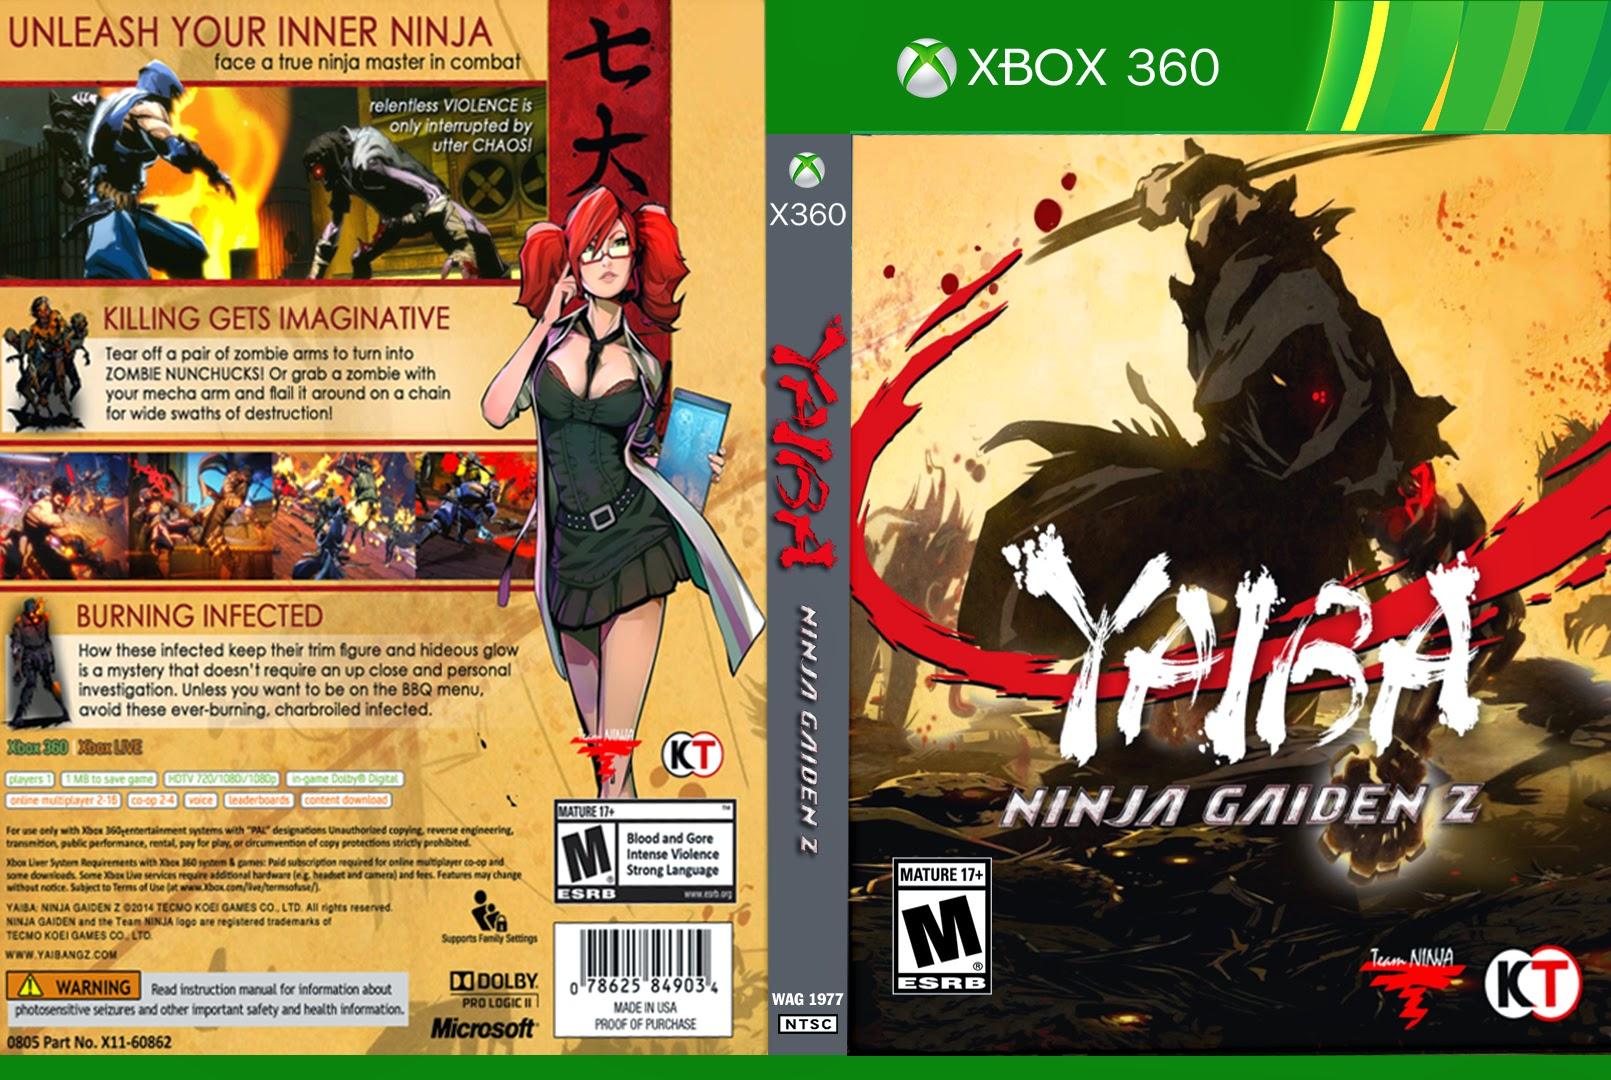 ninja gaiden 2 xbox 360 download